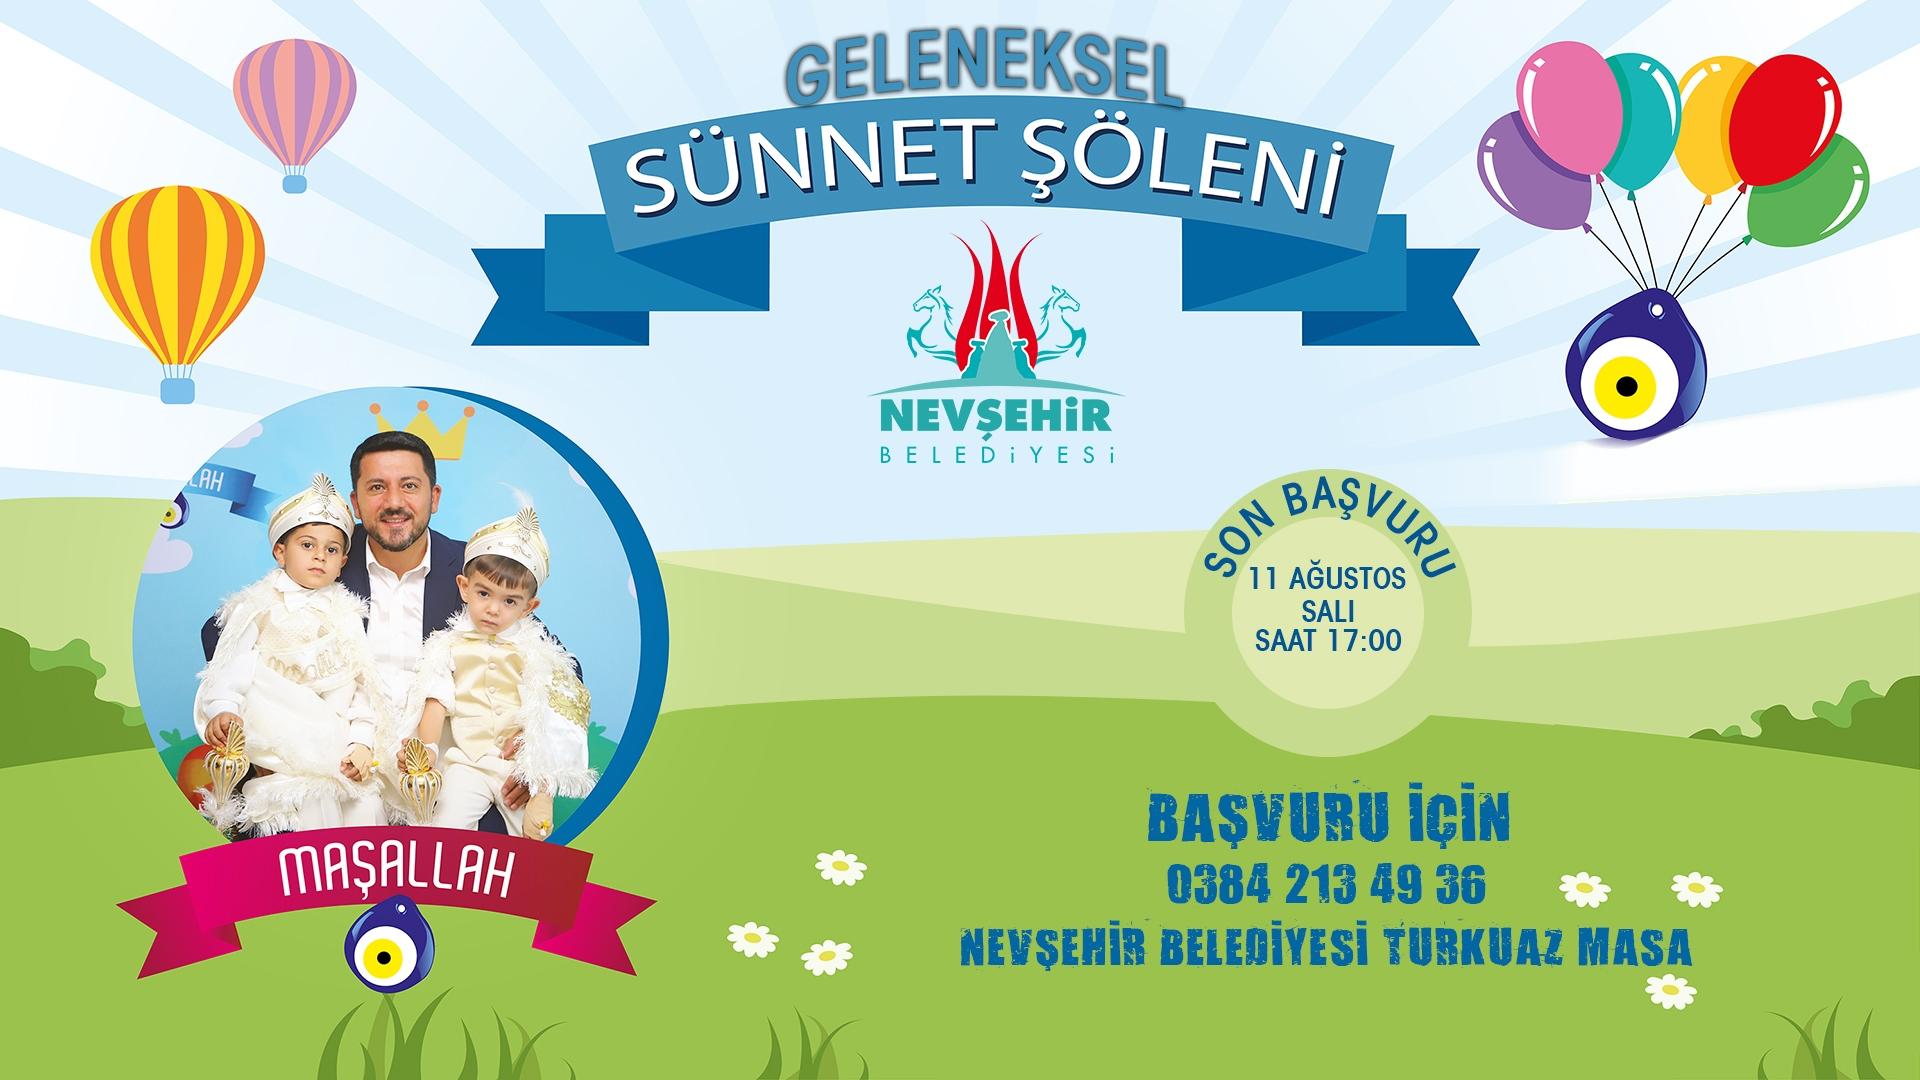 Nevşehir Belediyesi 50 çocuğu sünnet ettiriyor